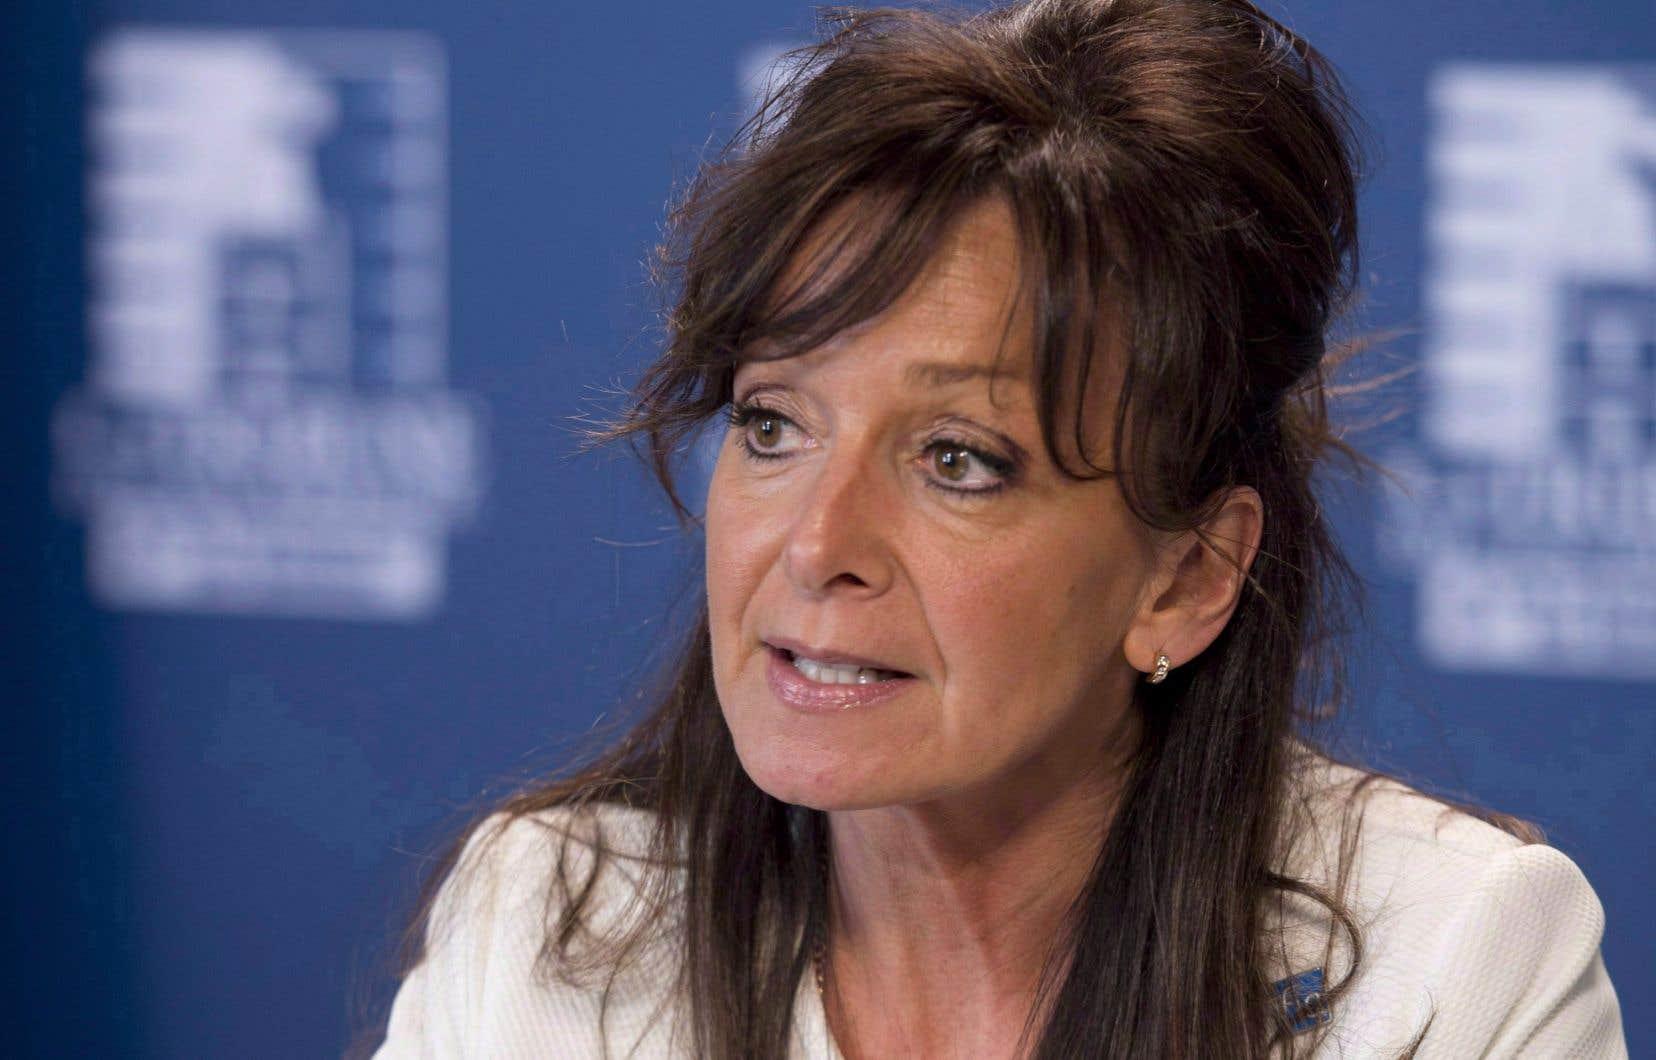 La présidente de la Fédération interprofessionnelle de la santé (FIQ), Nancy Bédard